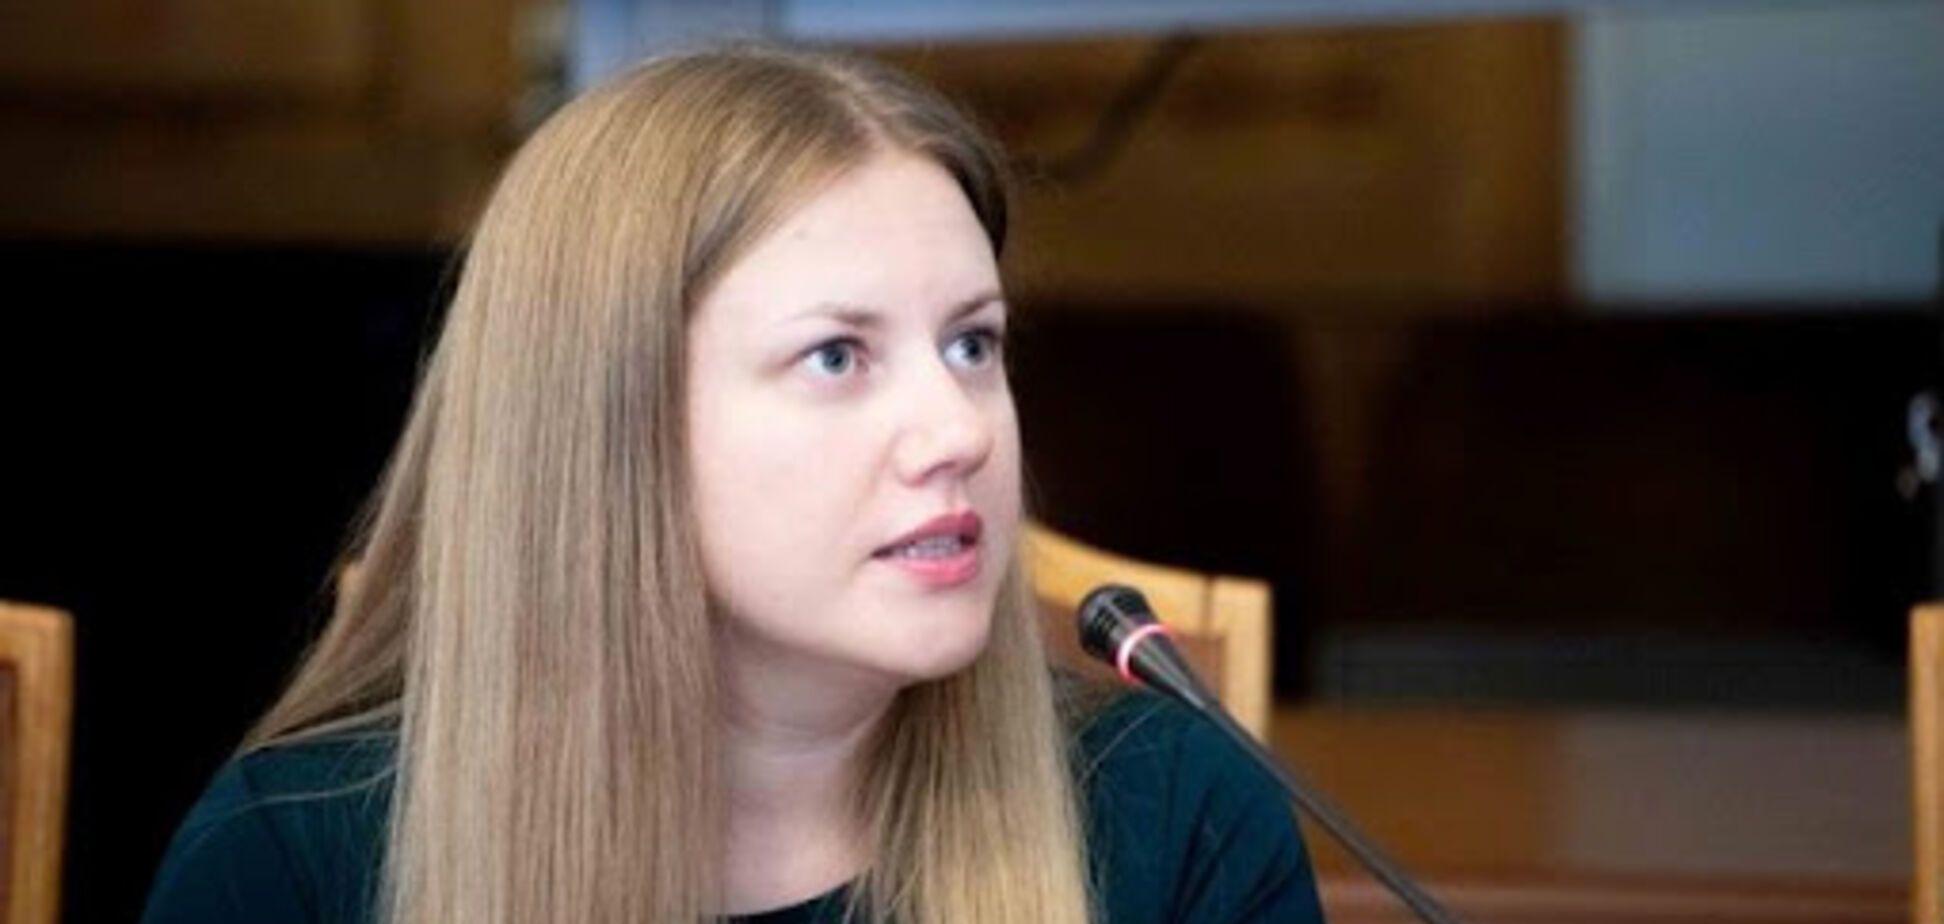 Вчителька з Рівного розробила гральні карти для вивчення української мови